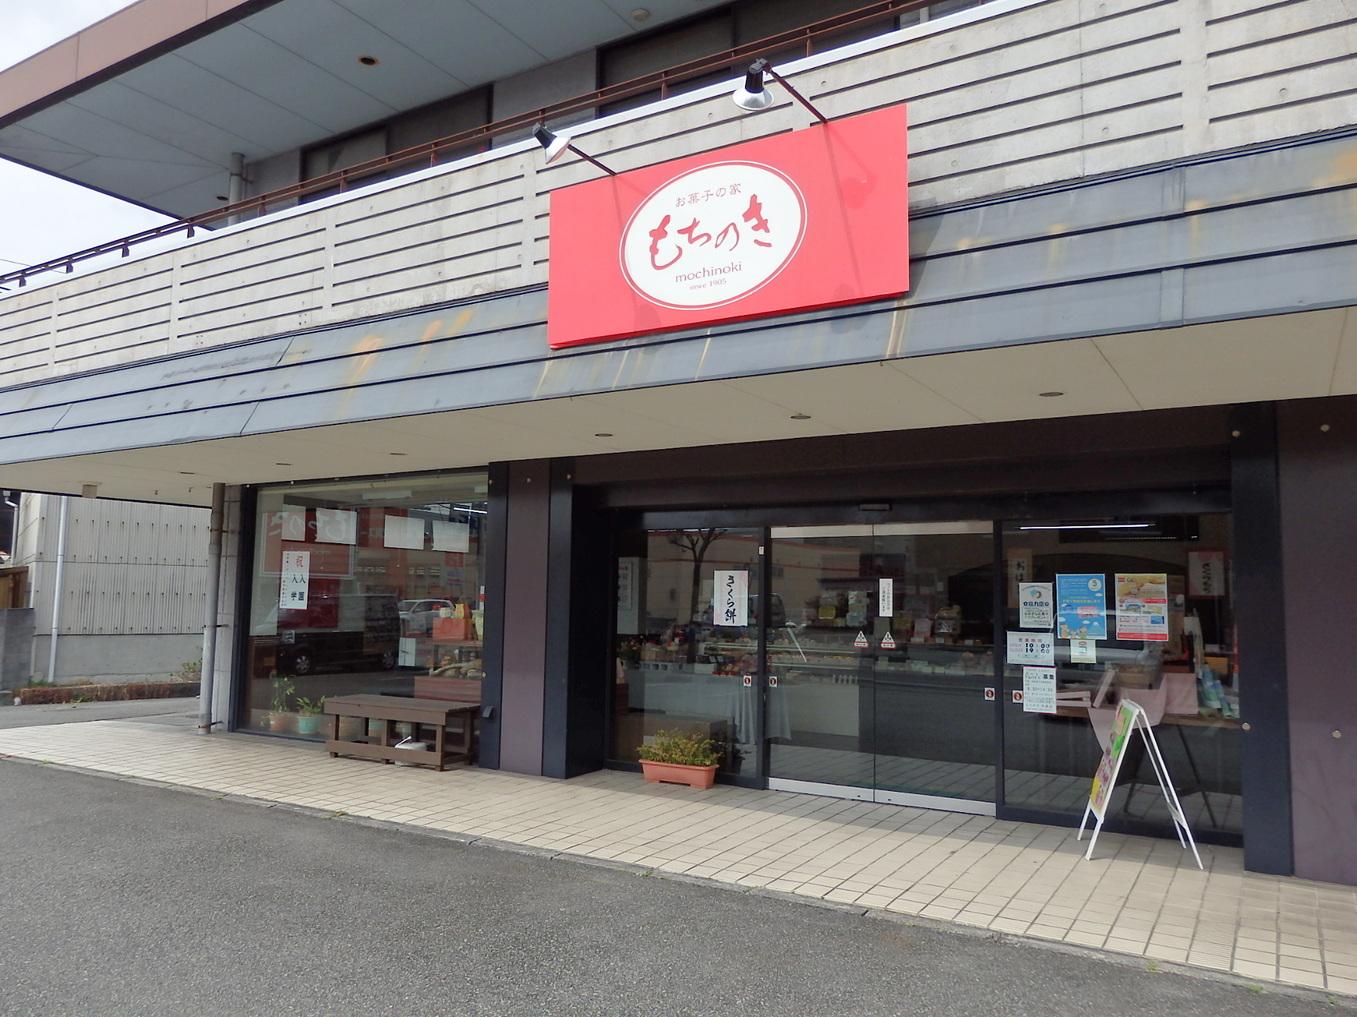 お菓子の家もちのき 今泉店 name=